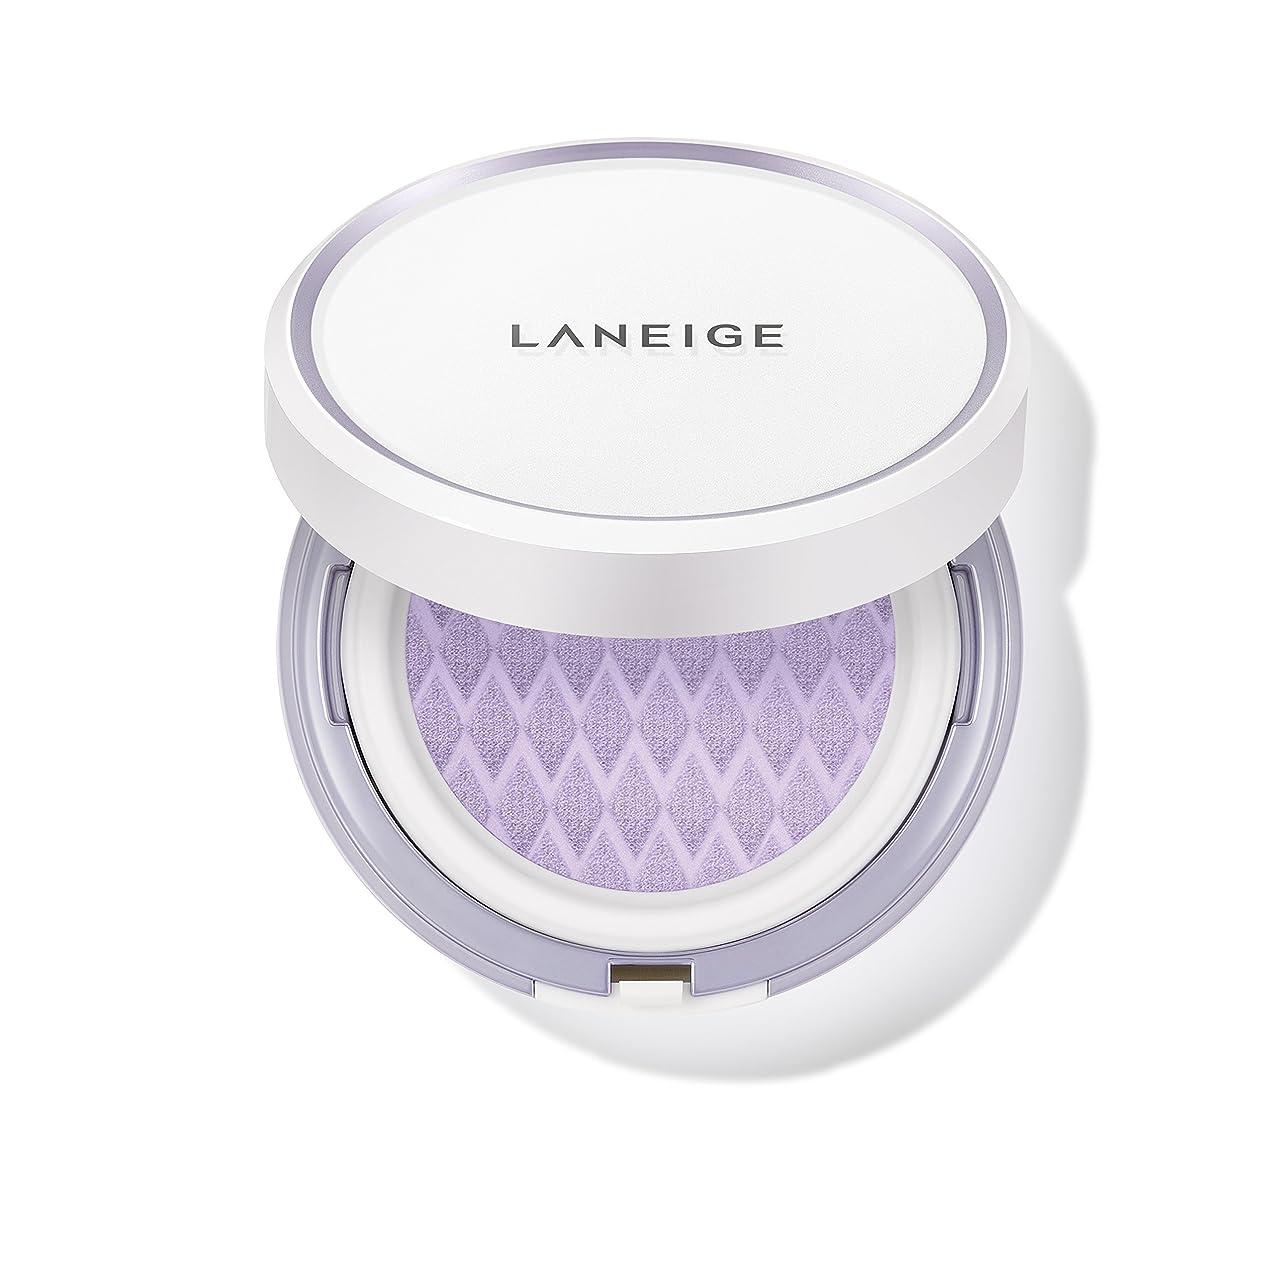 腹痛見習い平衡ラネージュ[LANEIGE]*AMOREPACIFIC*[新商品]スキンベなベースクッションSPF 22PA++(#40 Light Purple) 15g*2 / LANEIGE Skin Veil Base Cushion SPF22 PA++ (#40 Light Purple) 15g*2 [海外直送品] [並行輸入品]